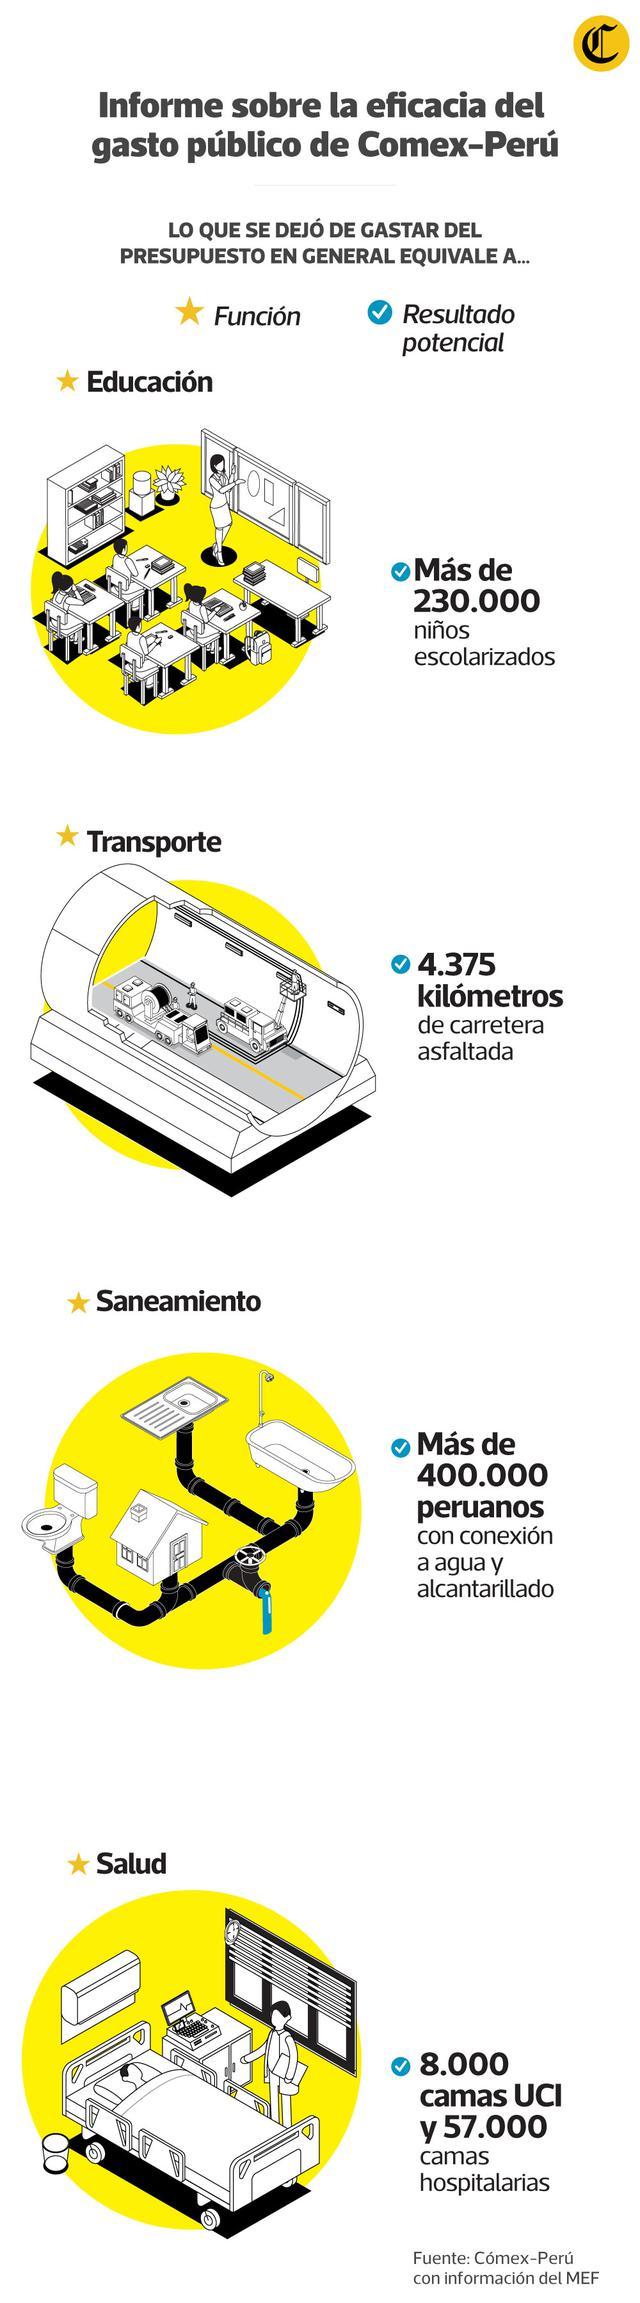 Informe sobre la eficacia del gasto público de ComexPerú. (Elaboración: El Comercio)